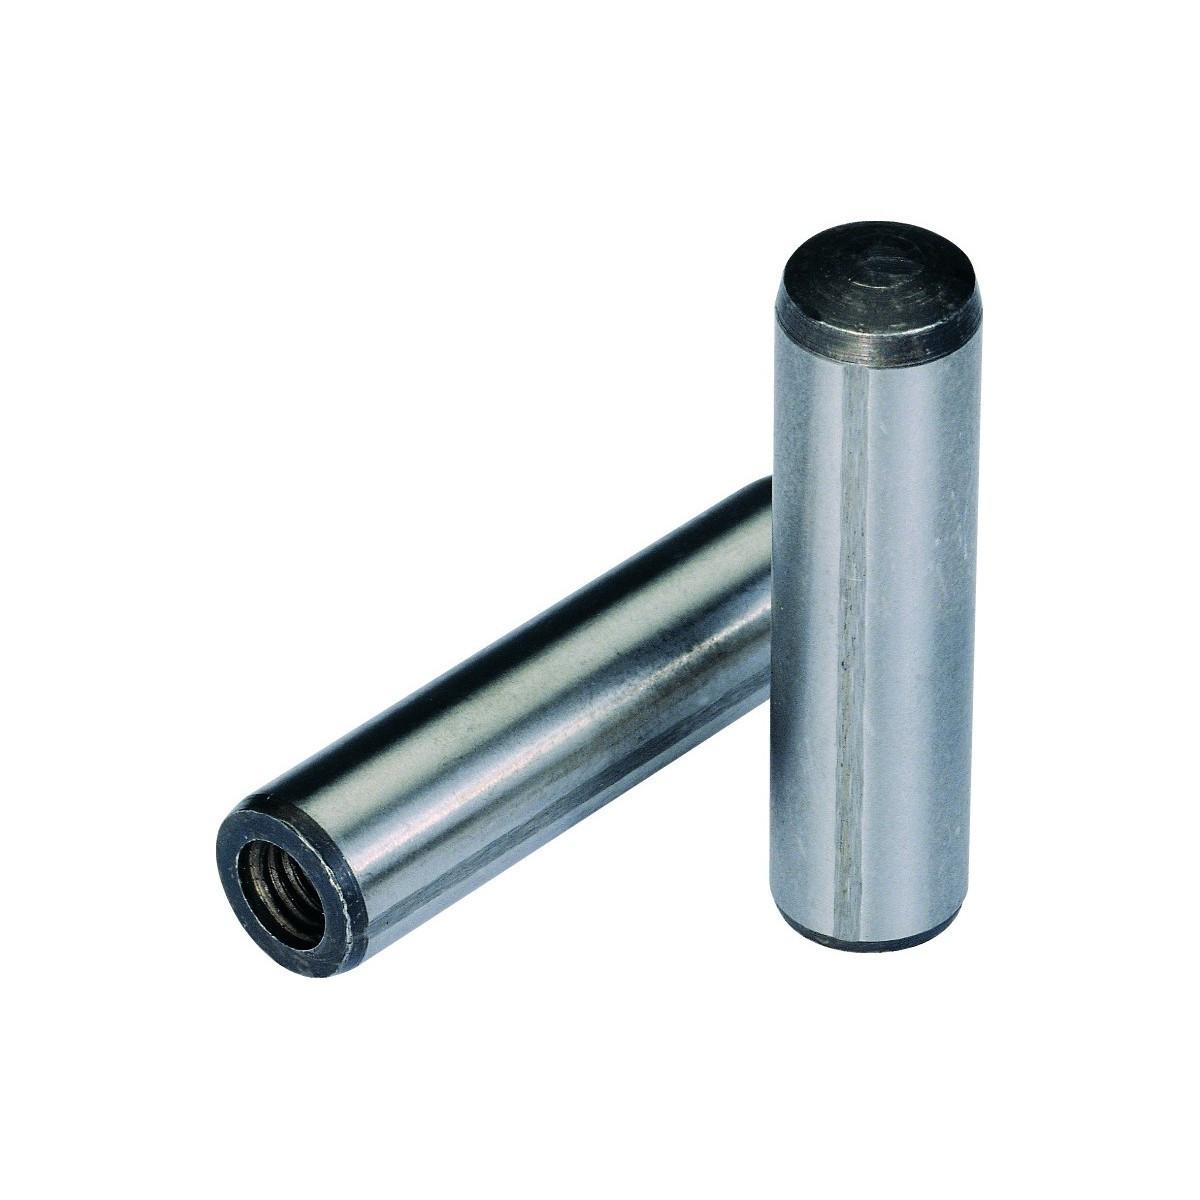 Штифт циліндричний MMG DIN 7979D M8 х 24 Клас 10.9 (Фосфат) 1 шт